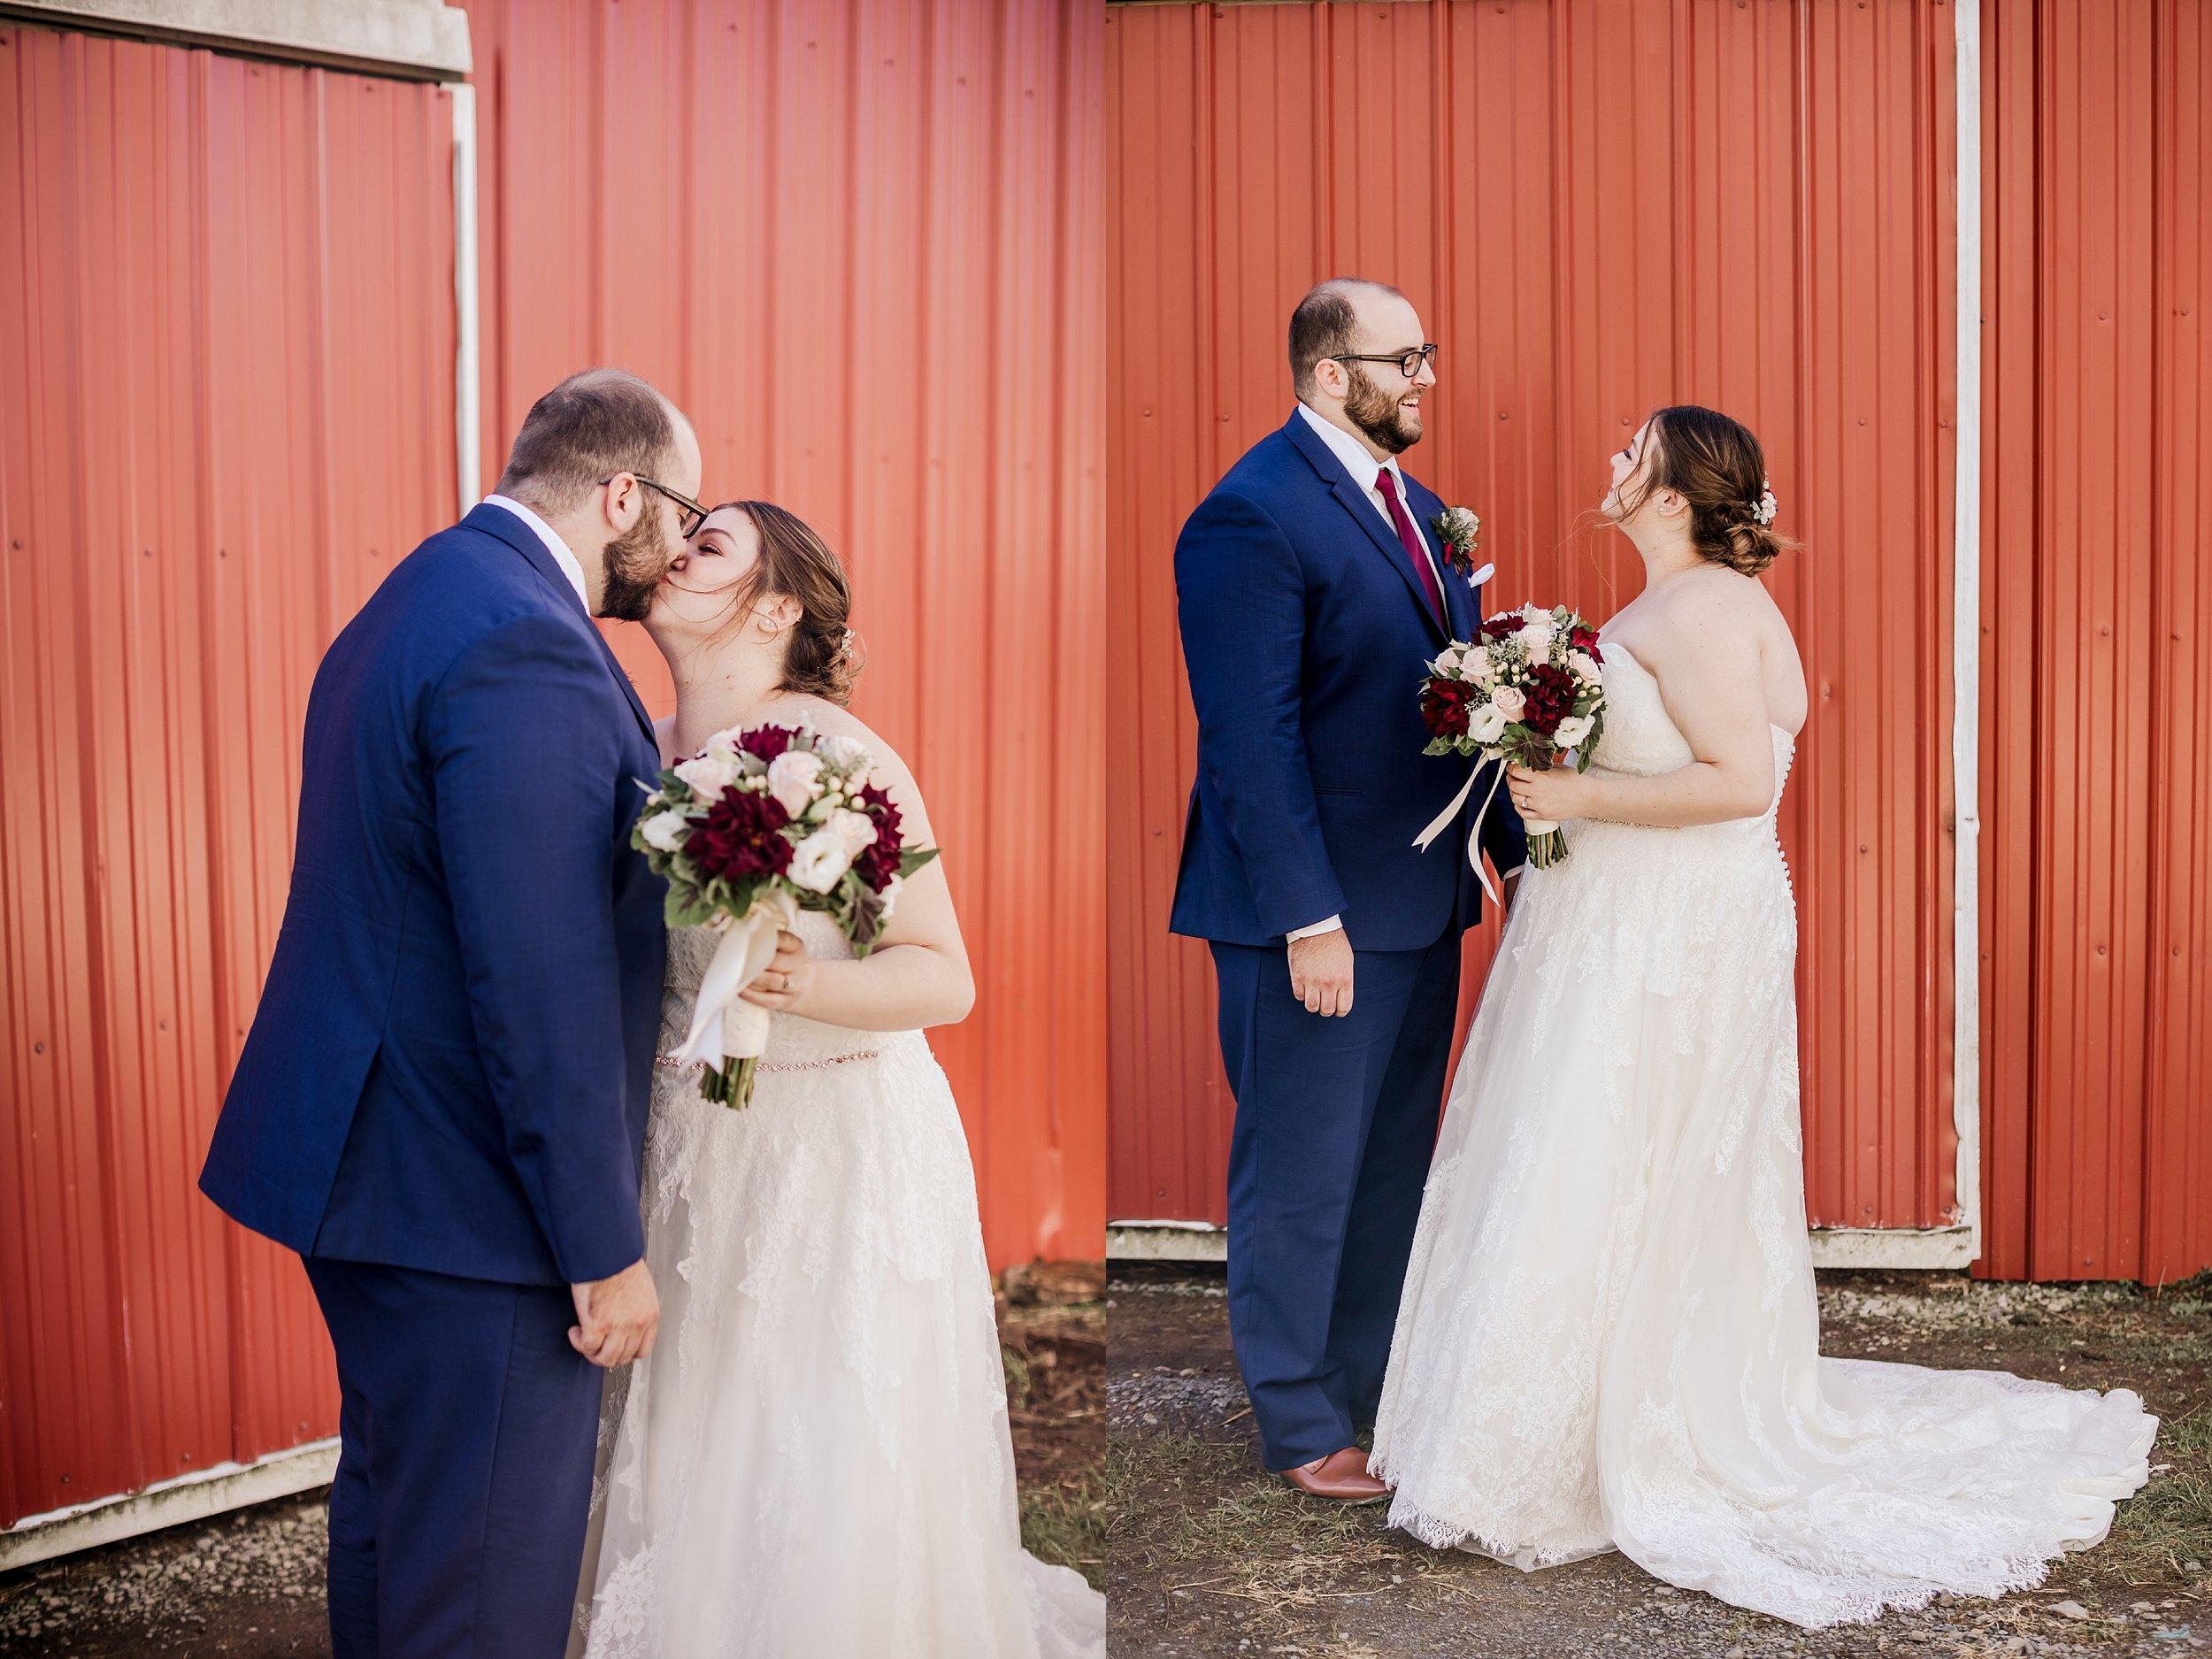 Savidge-Farms-Wedding-Photographer_0030.jpg